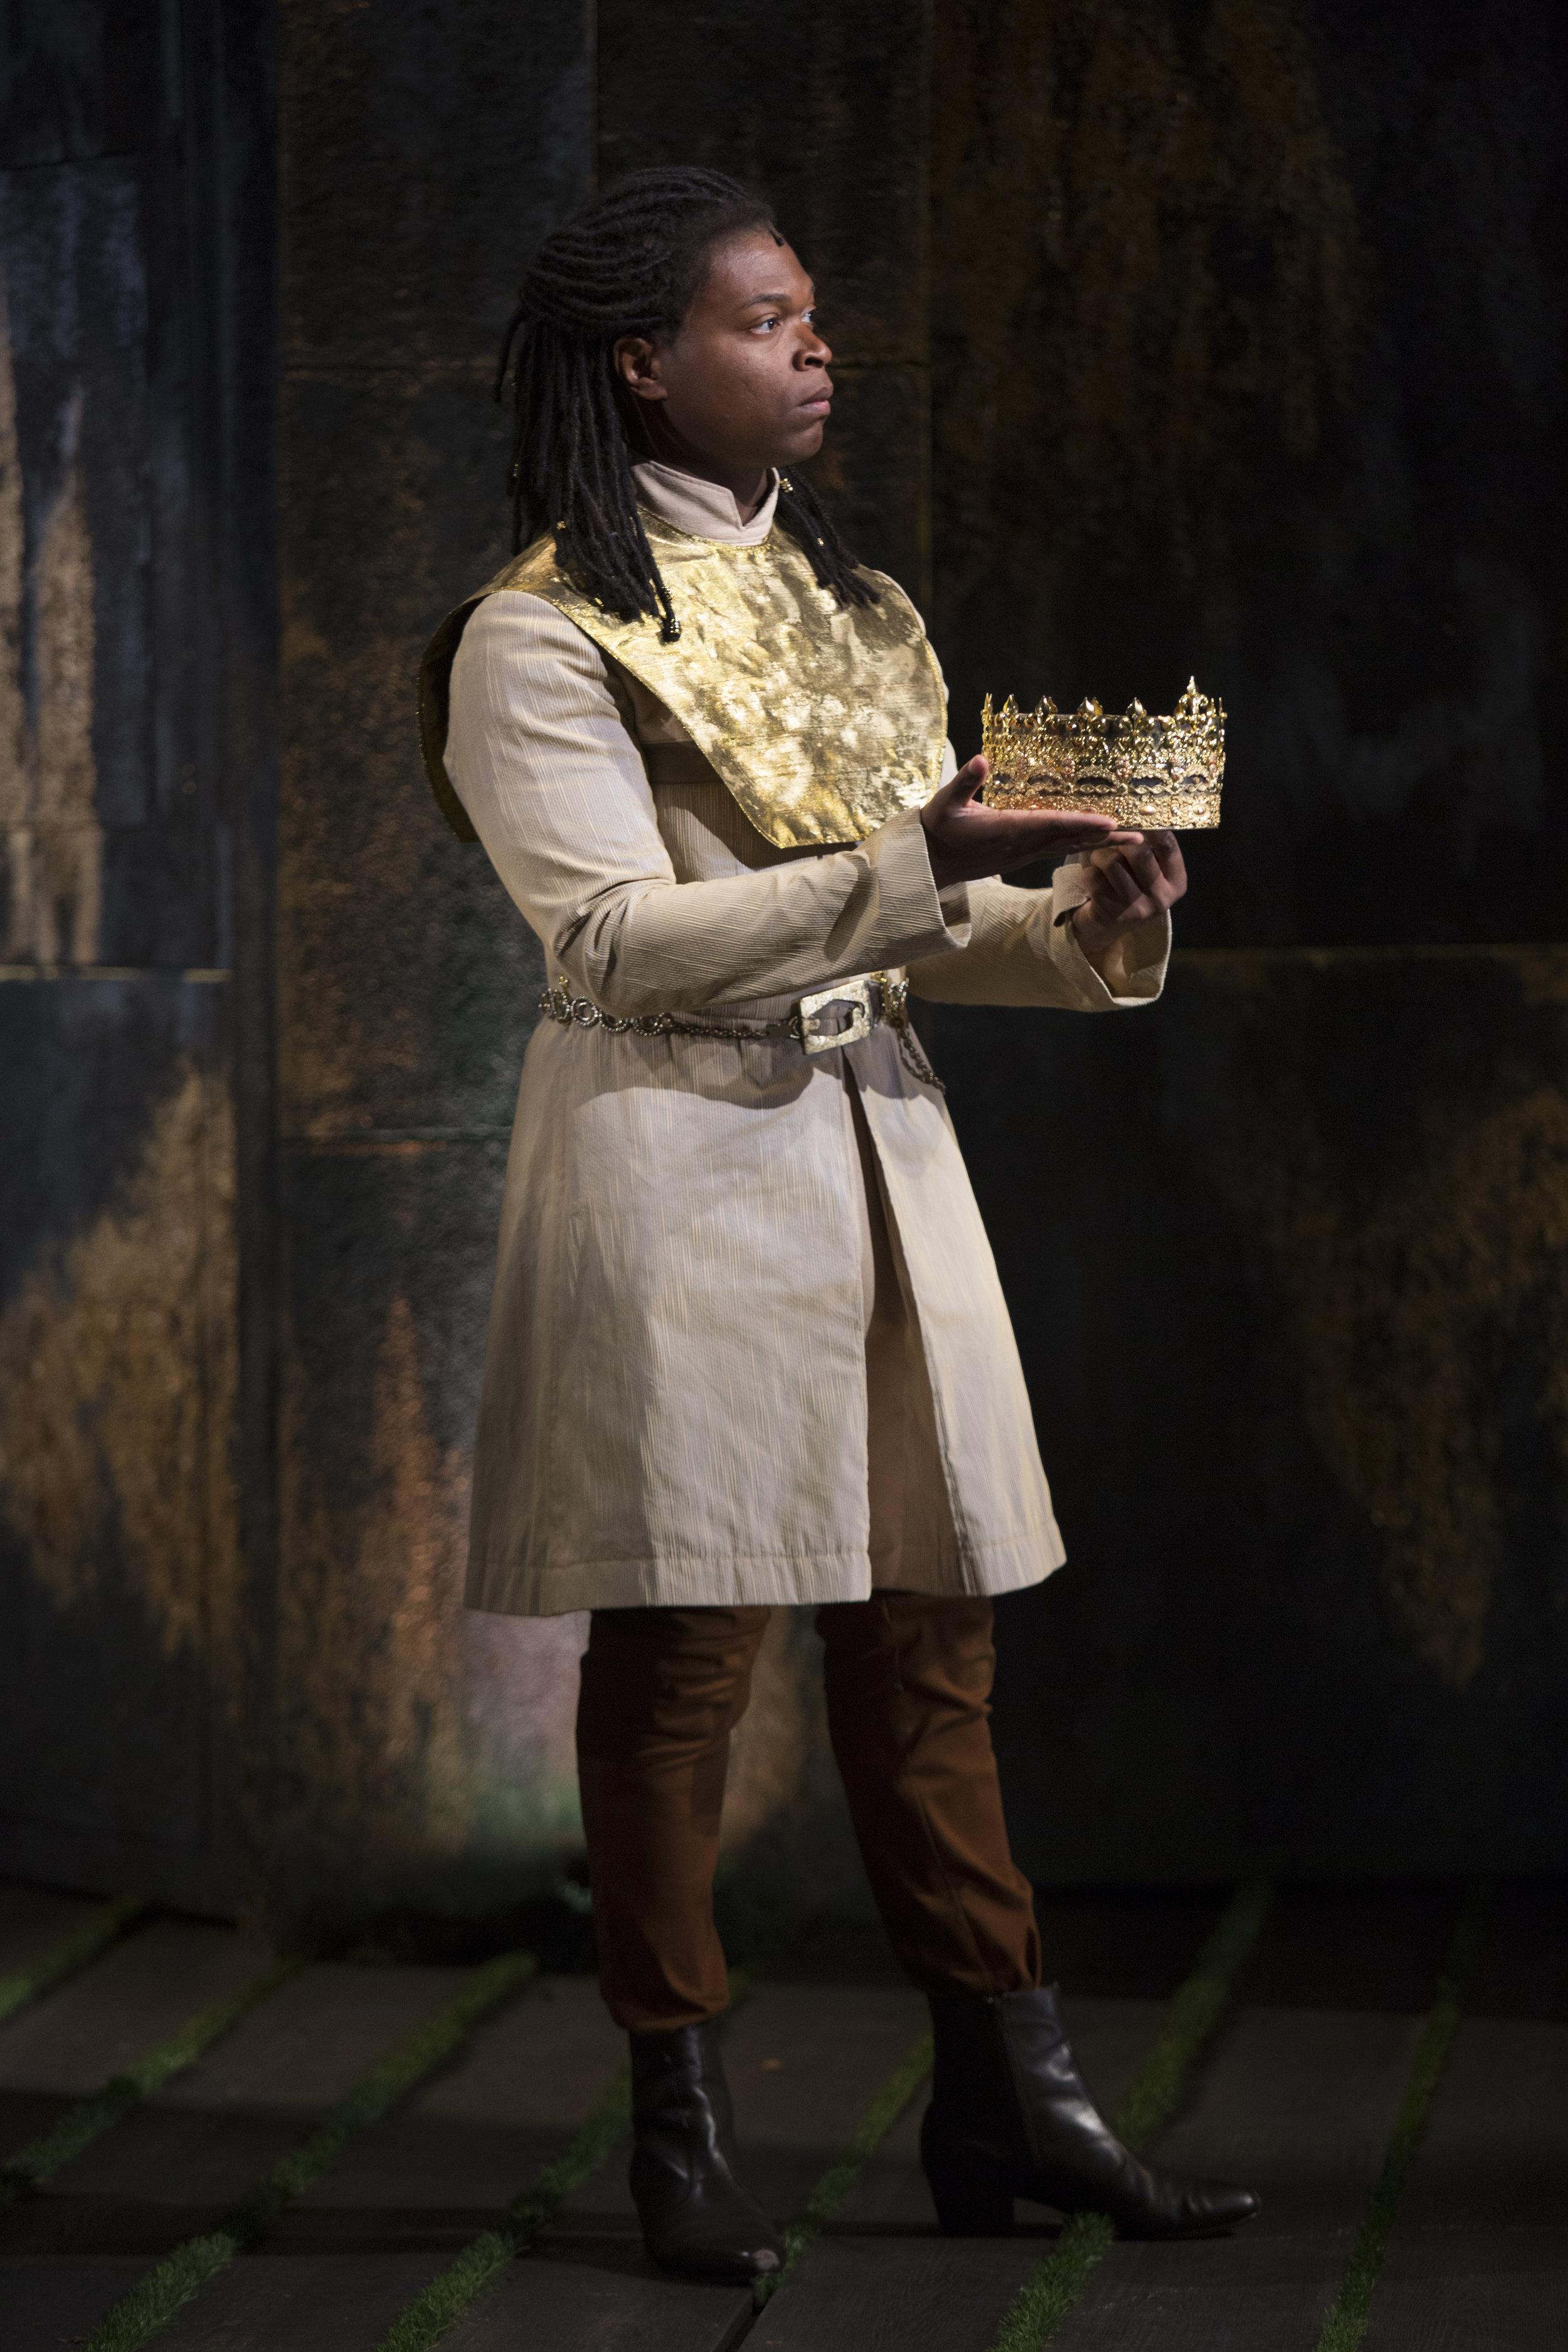 King Richard II - Bushy